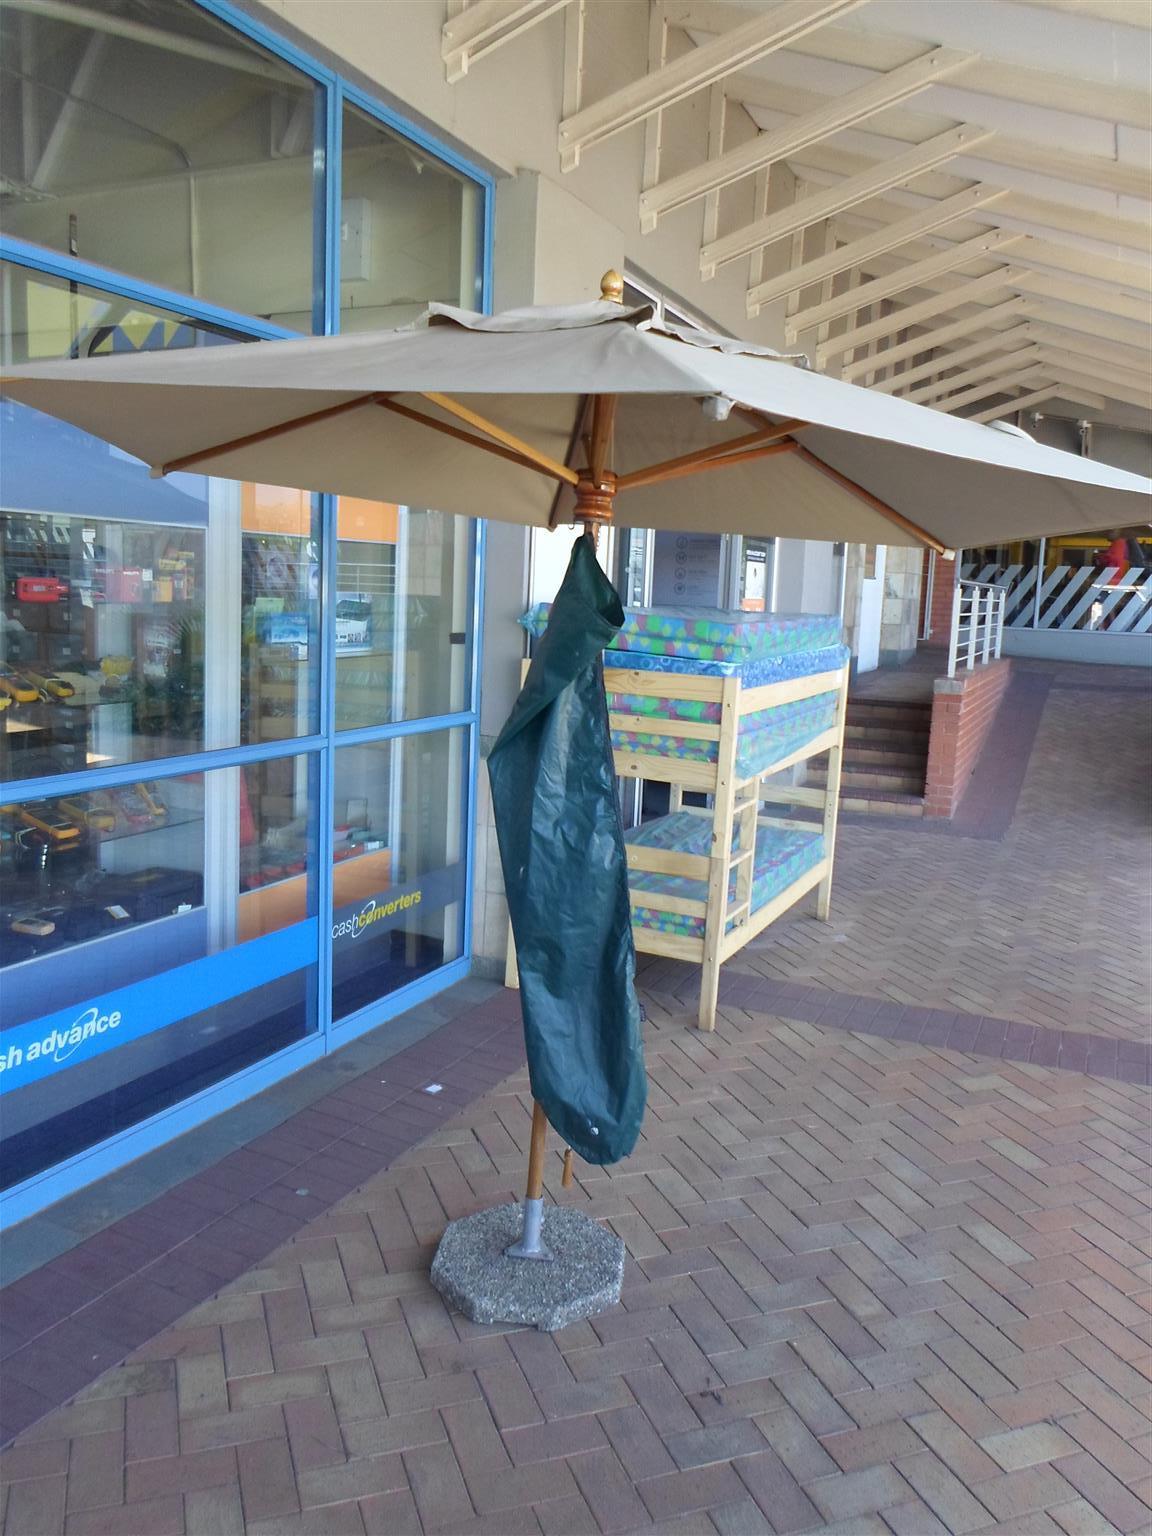 Patio Umbrella